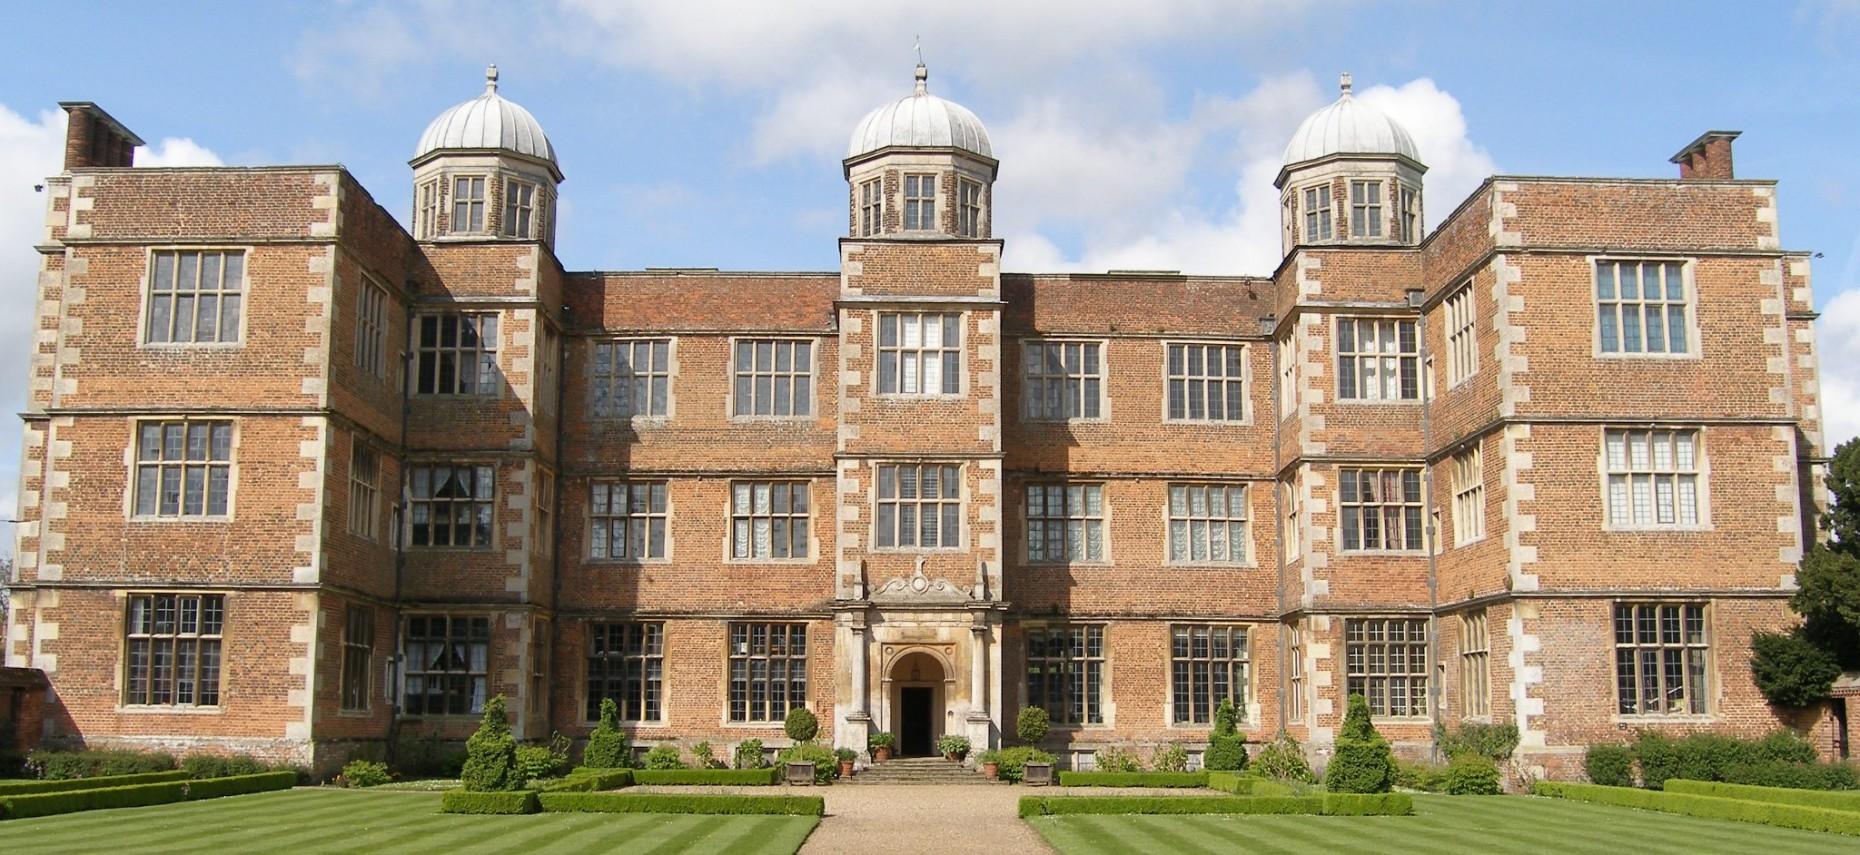 Doddington Hall, near Lincoln